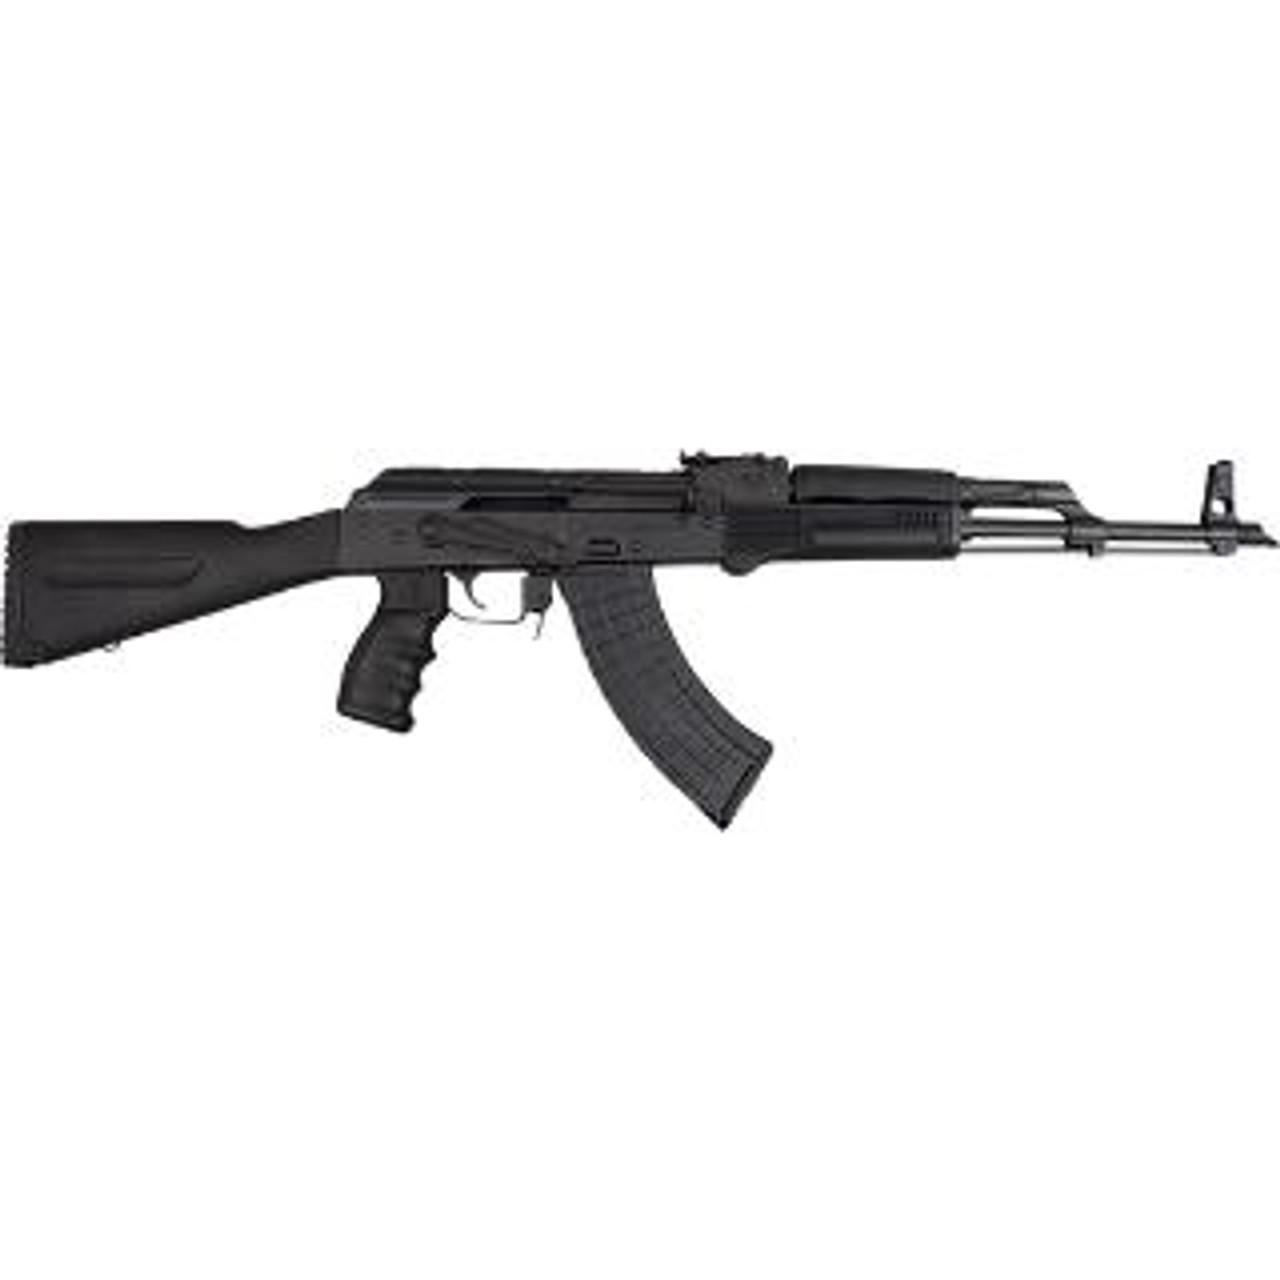 Pioneer AK47 CALIFORNIA LEGAL - 7.62x39